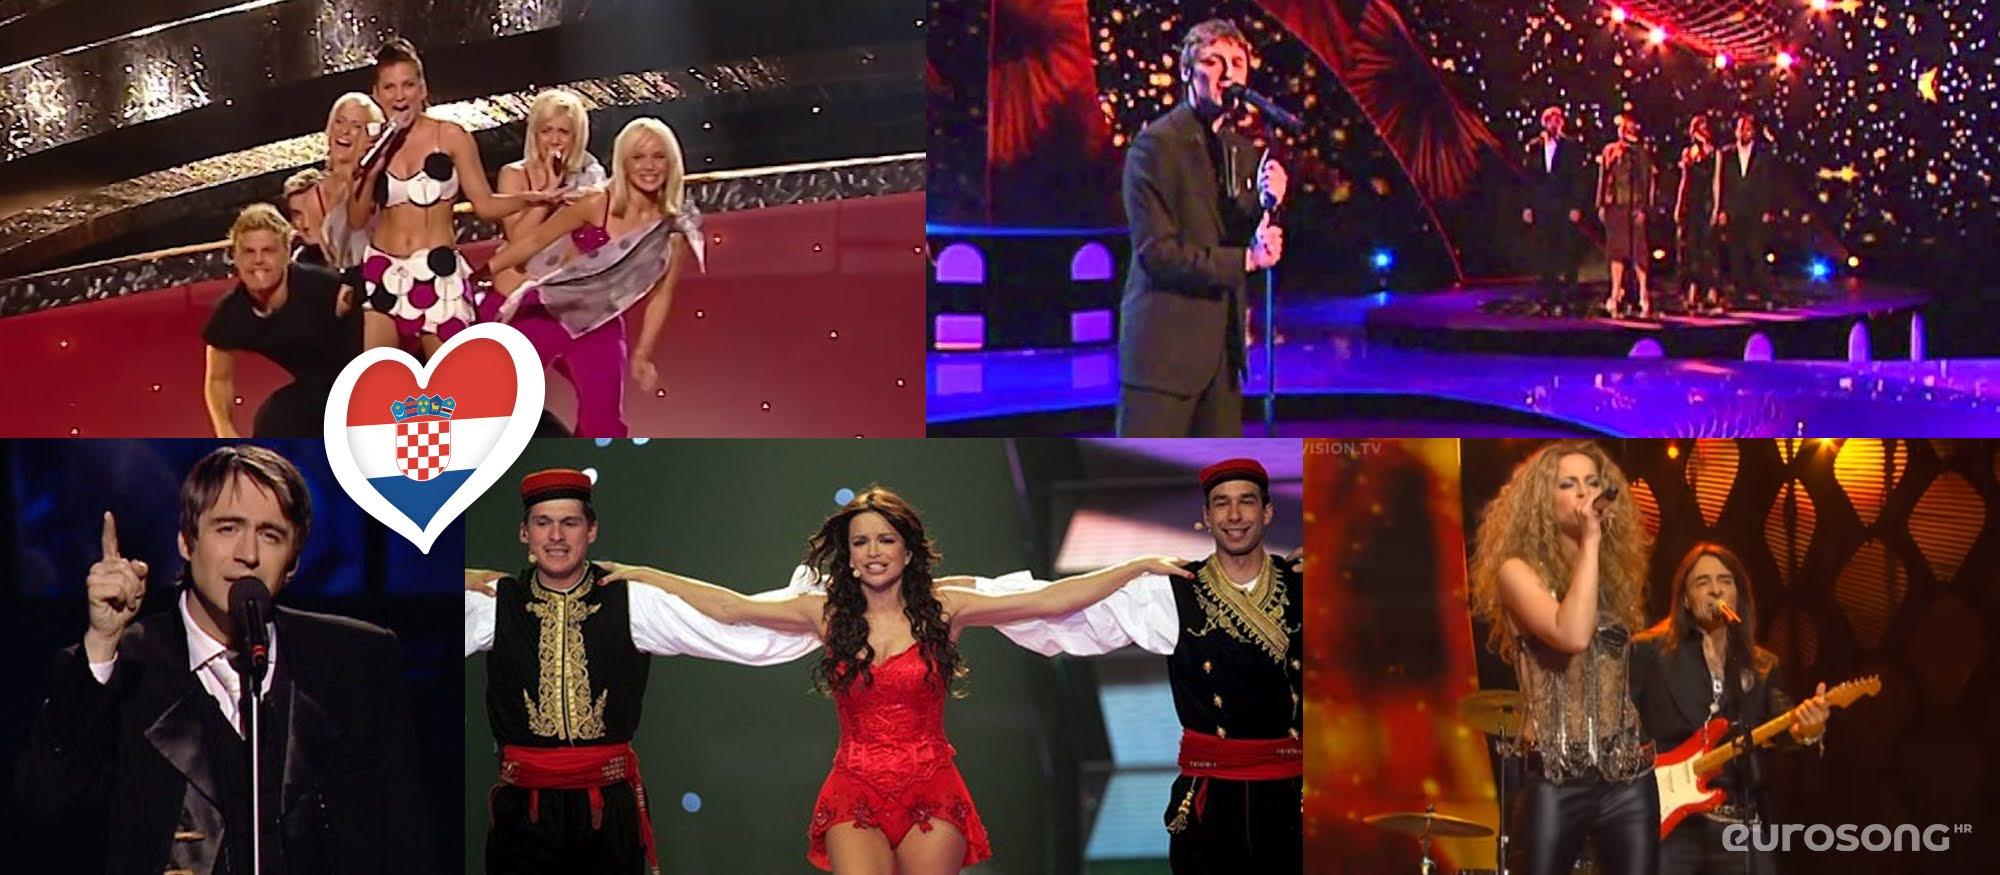 Hrvatska na Eurosongu: izvođači od 2003. do 2007.